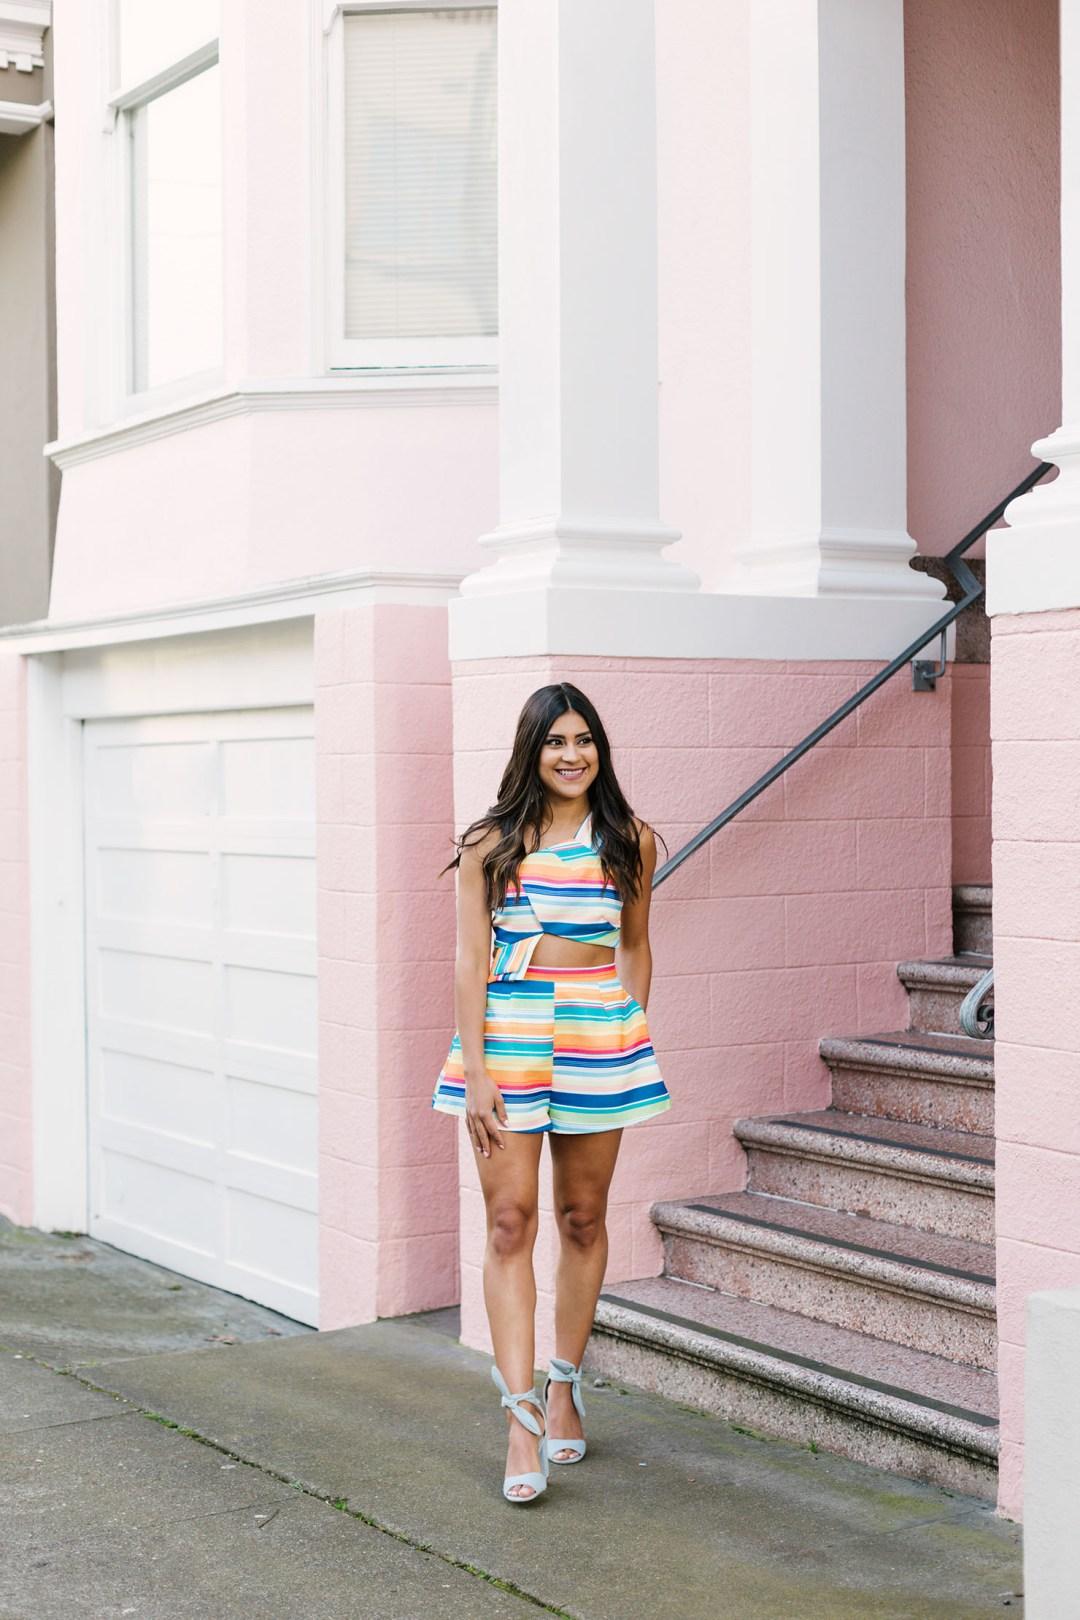 Lifestyle blogger Kelsey Kaplan of Kelsey Kaplan Fashion wearing striped two piece set and denim sandals